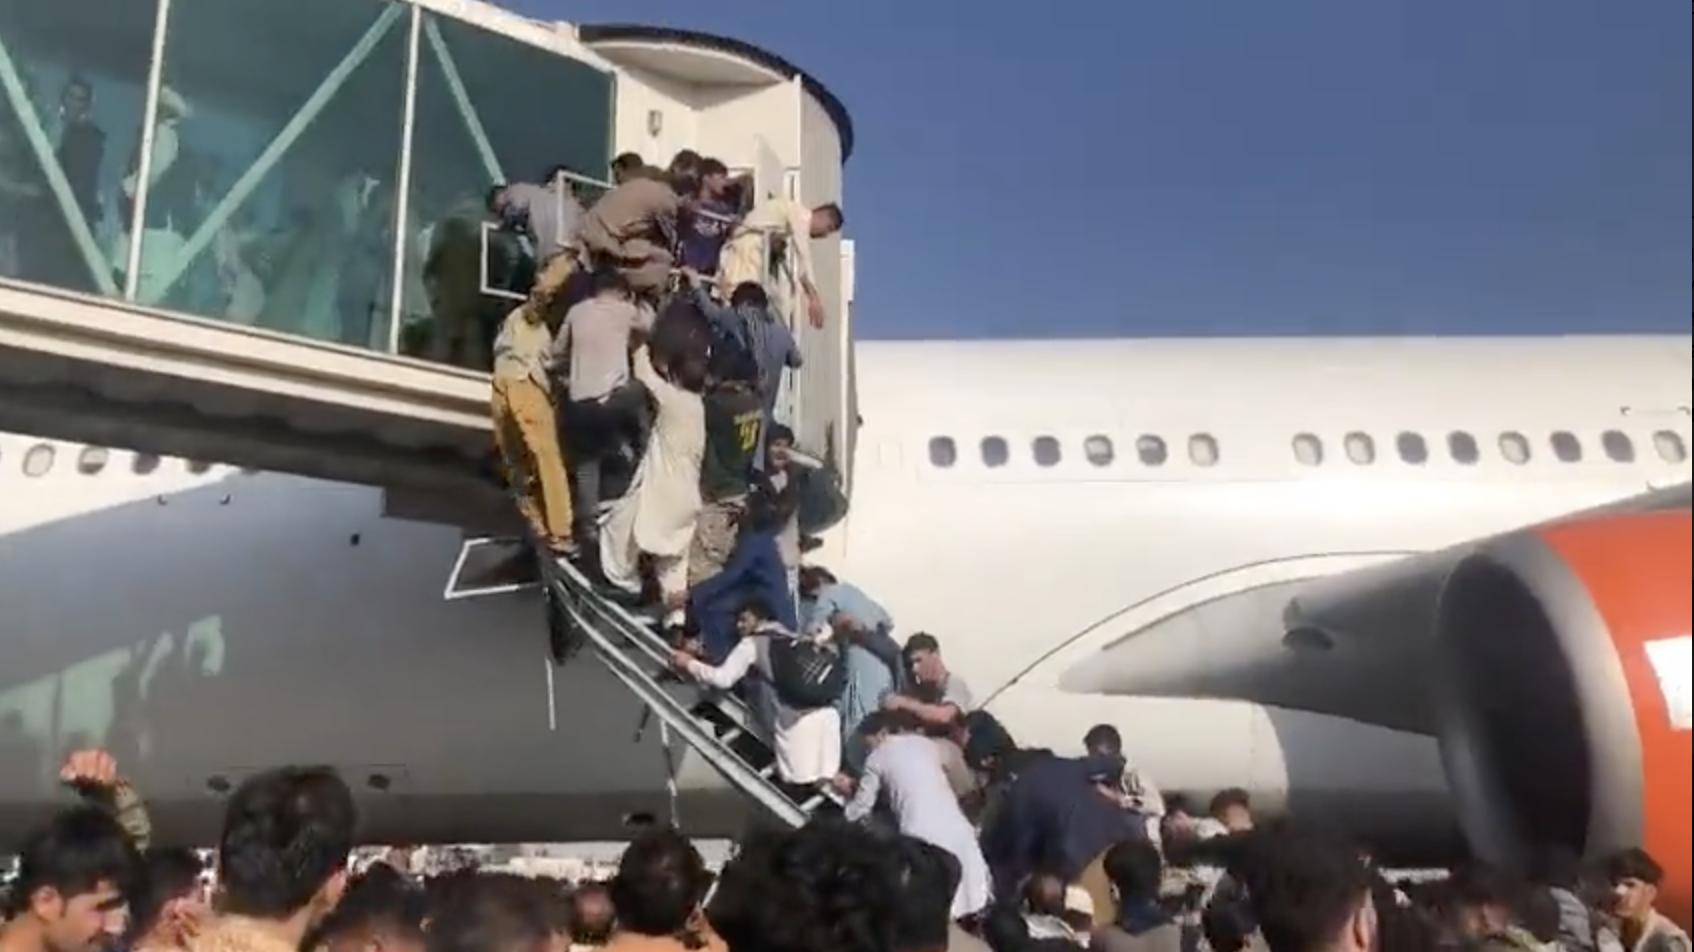 Аэропорт Кабула. Паника, толпы прорывающиеся к самолетам, пулеметные  очереди, жертвы » ОКО ПЛАНЕТЫ информационно-аналитический портал